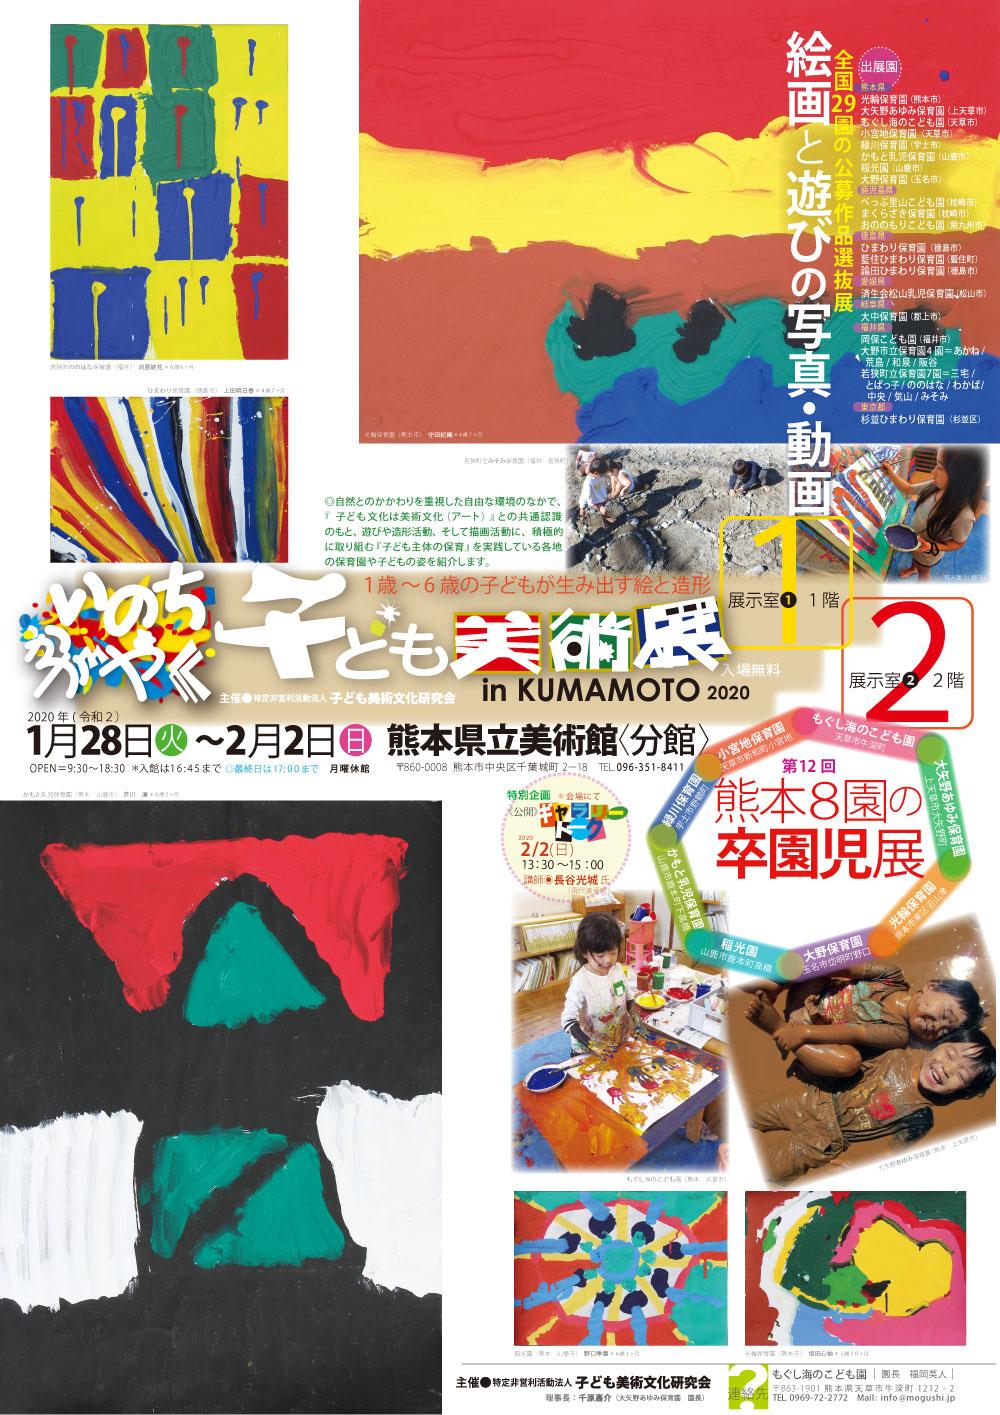 子ども美術展in KUMAMOTO 2020